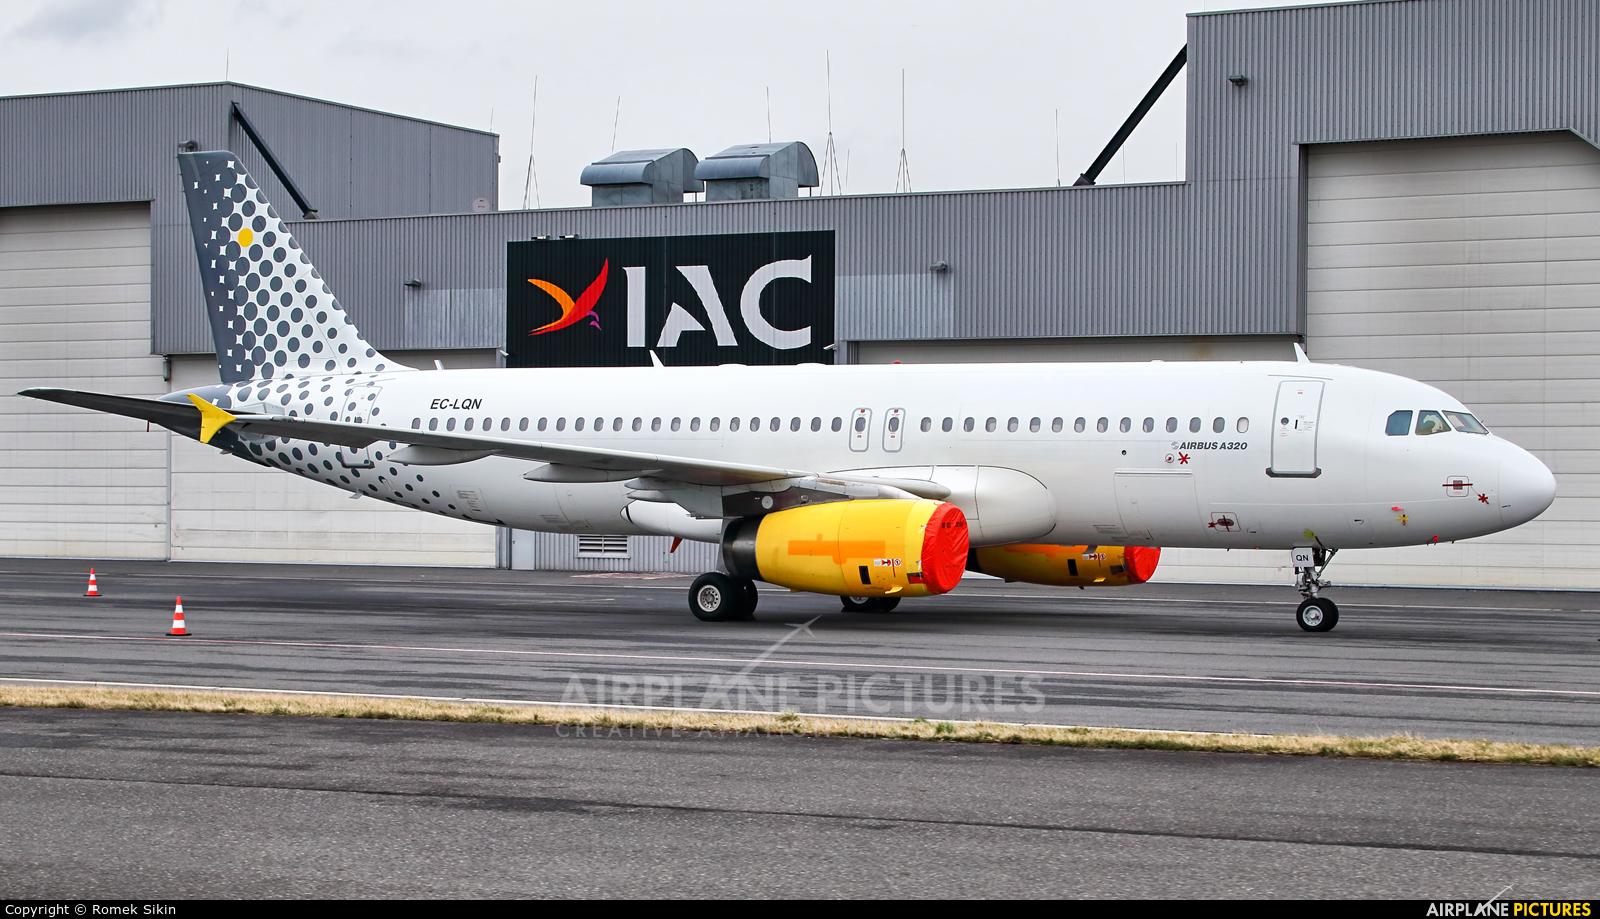 Vueling Airlines EC-LQN aircraft at Ostrava Mošnov